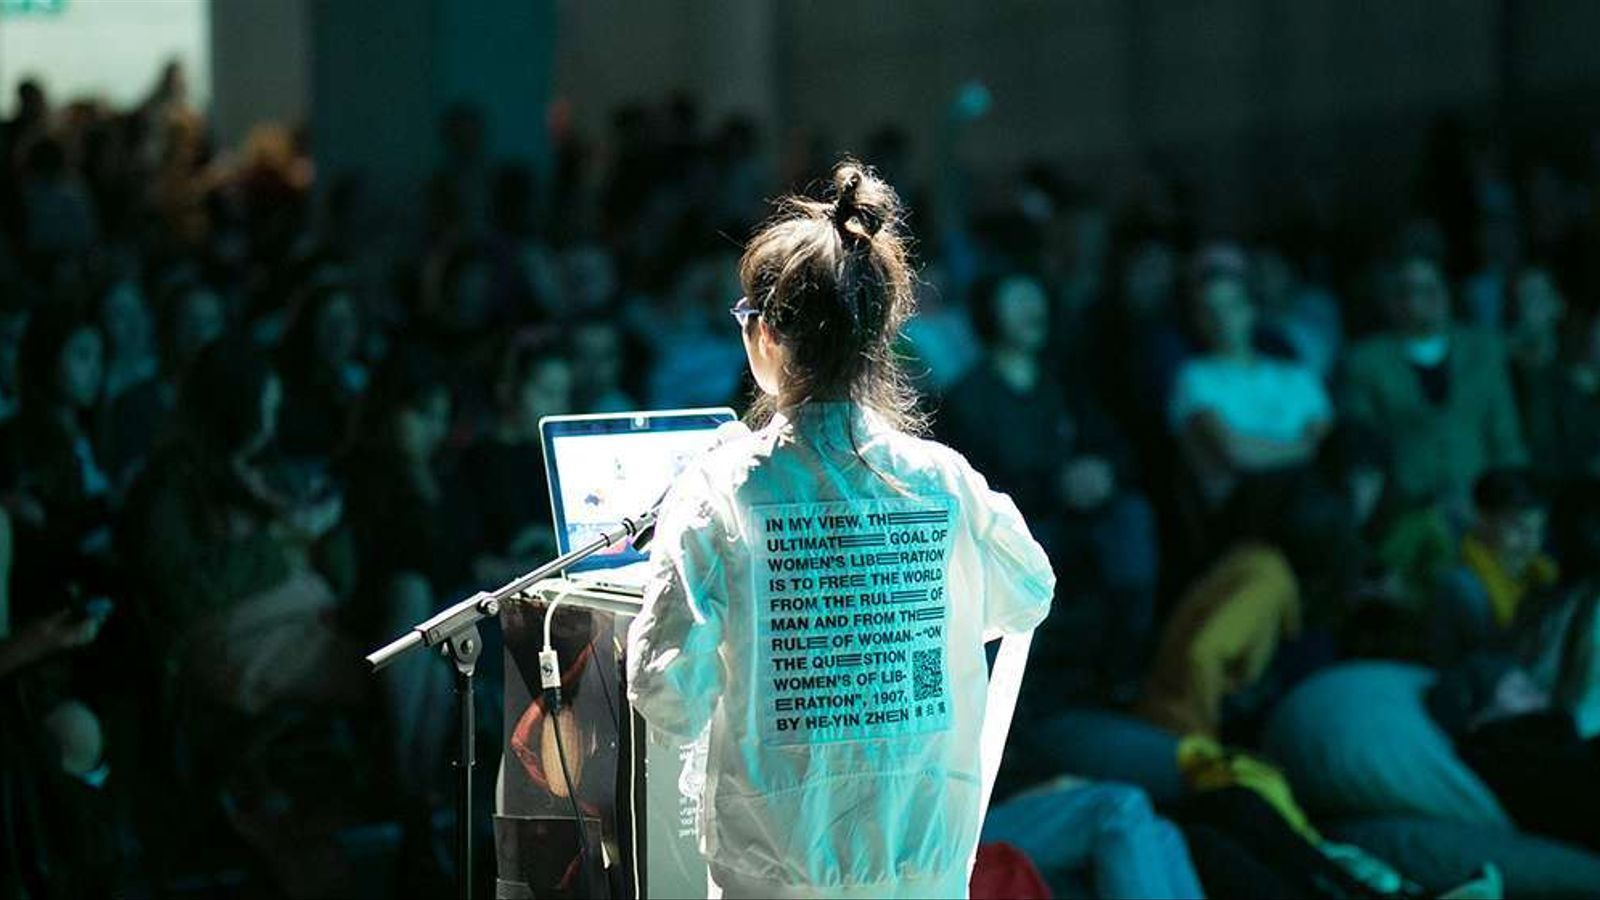 Amy Suo Wu donant una conferència a l'anterior edició